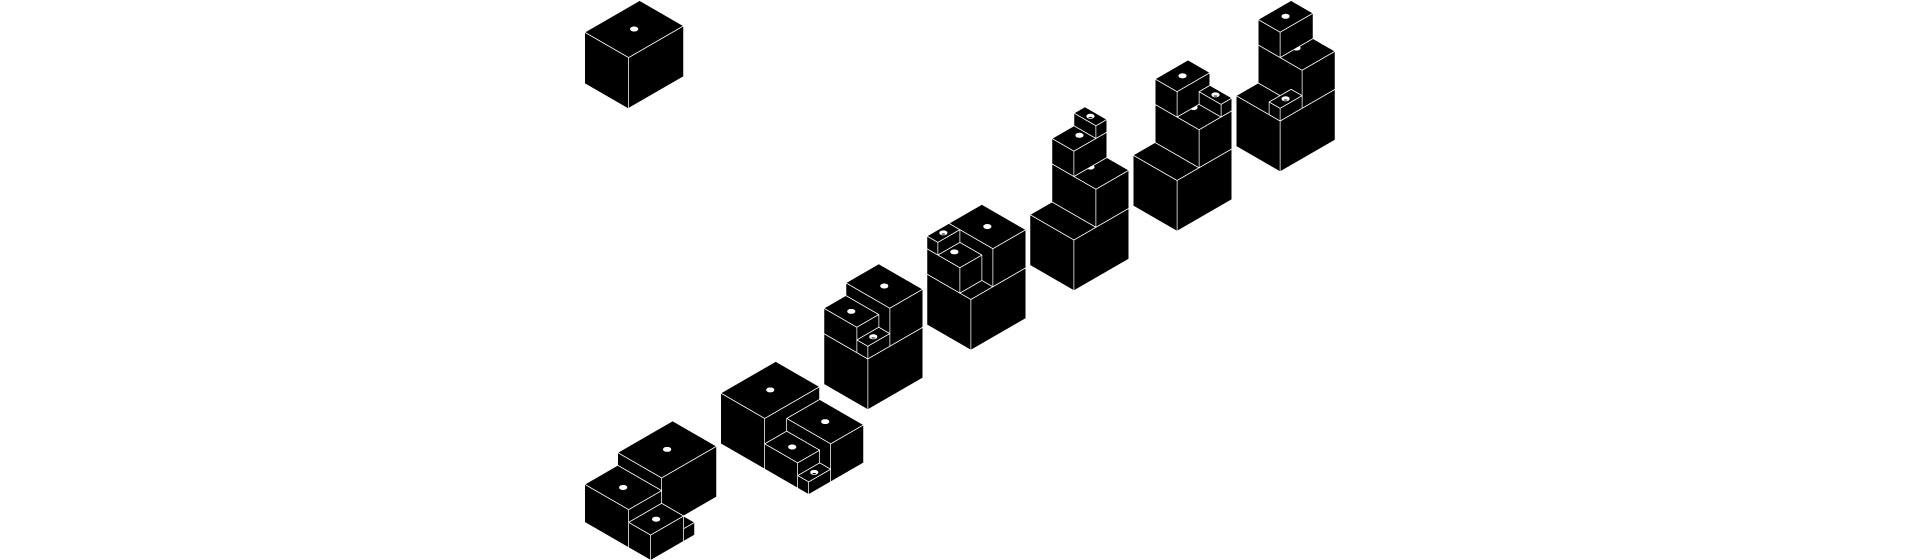 D07_BOX1